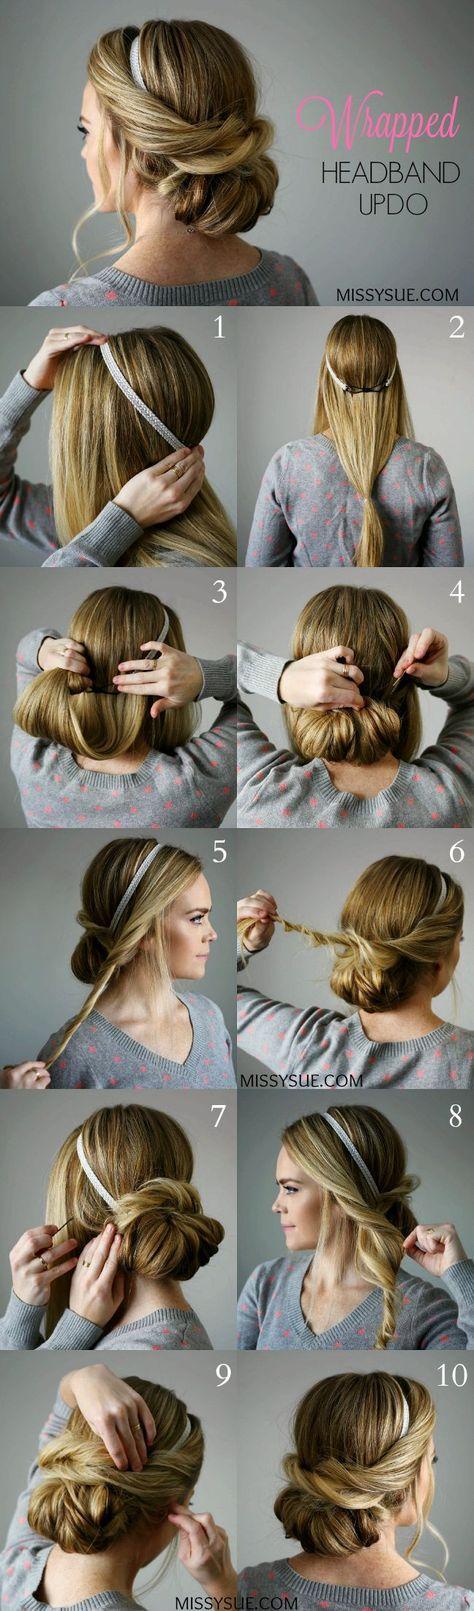 11++ Einfache frisur mit haarband Ideen